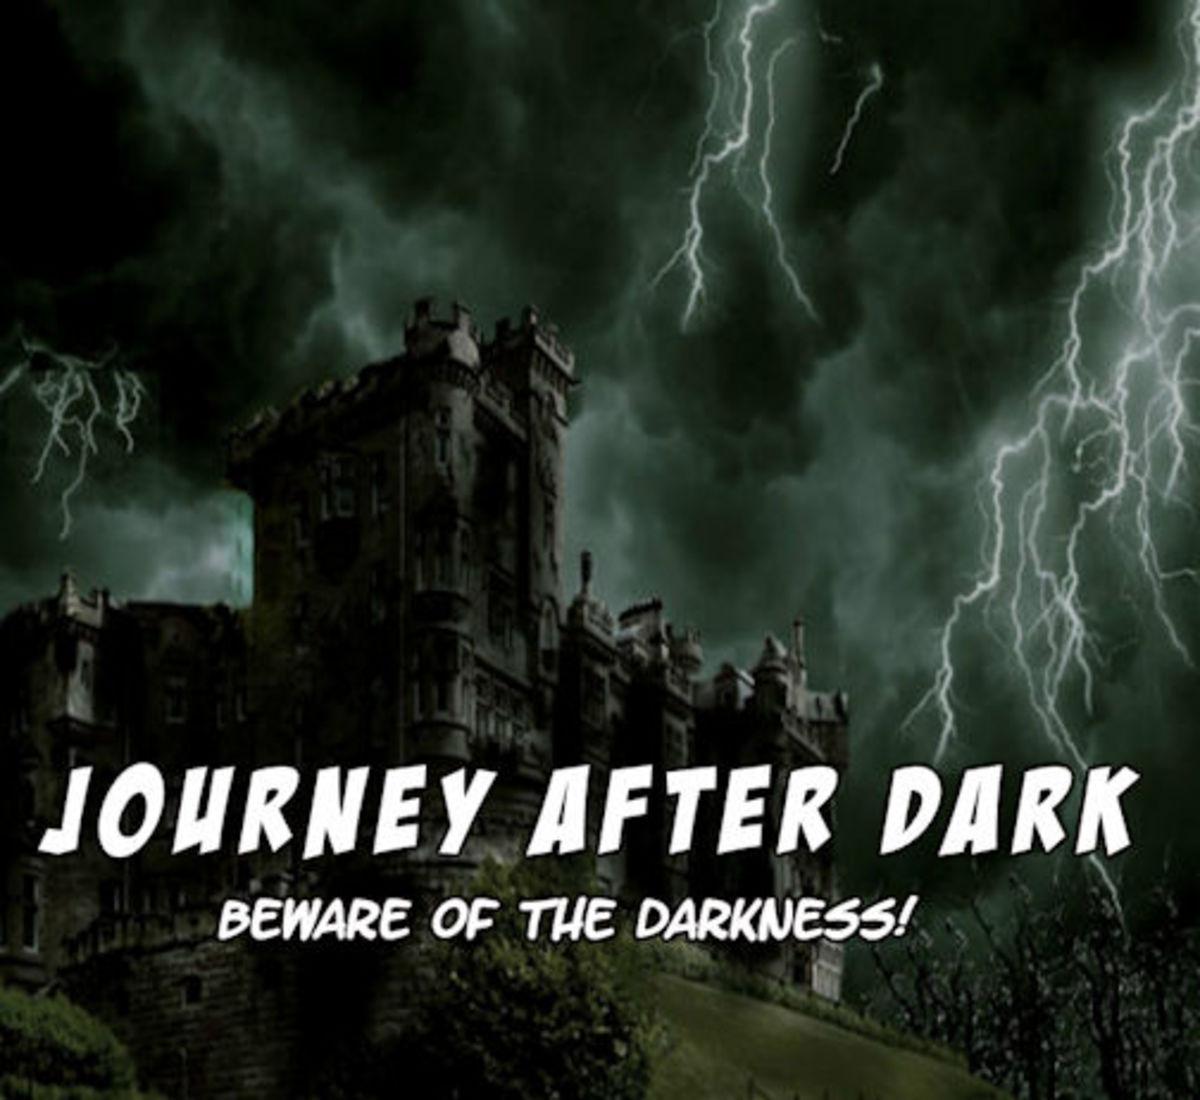 Journey After Dark Part 2